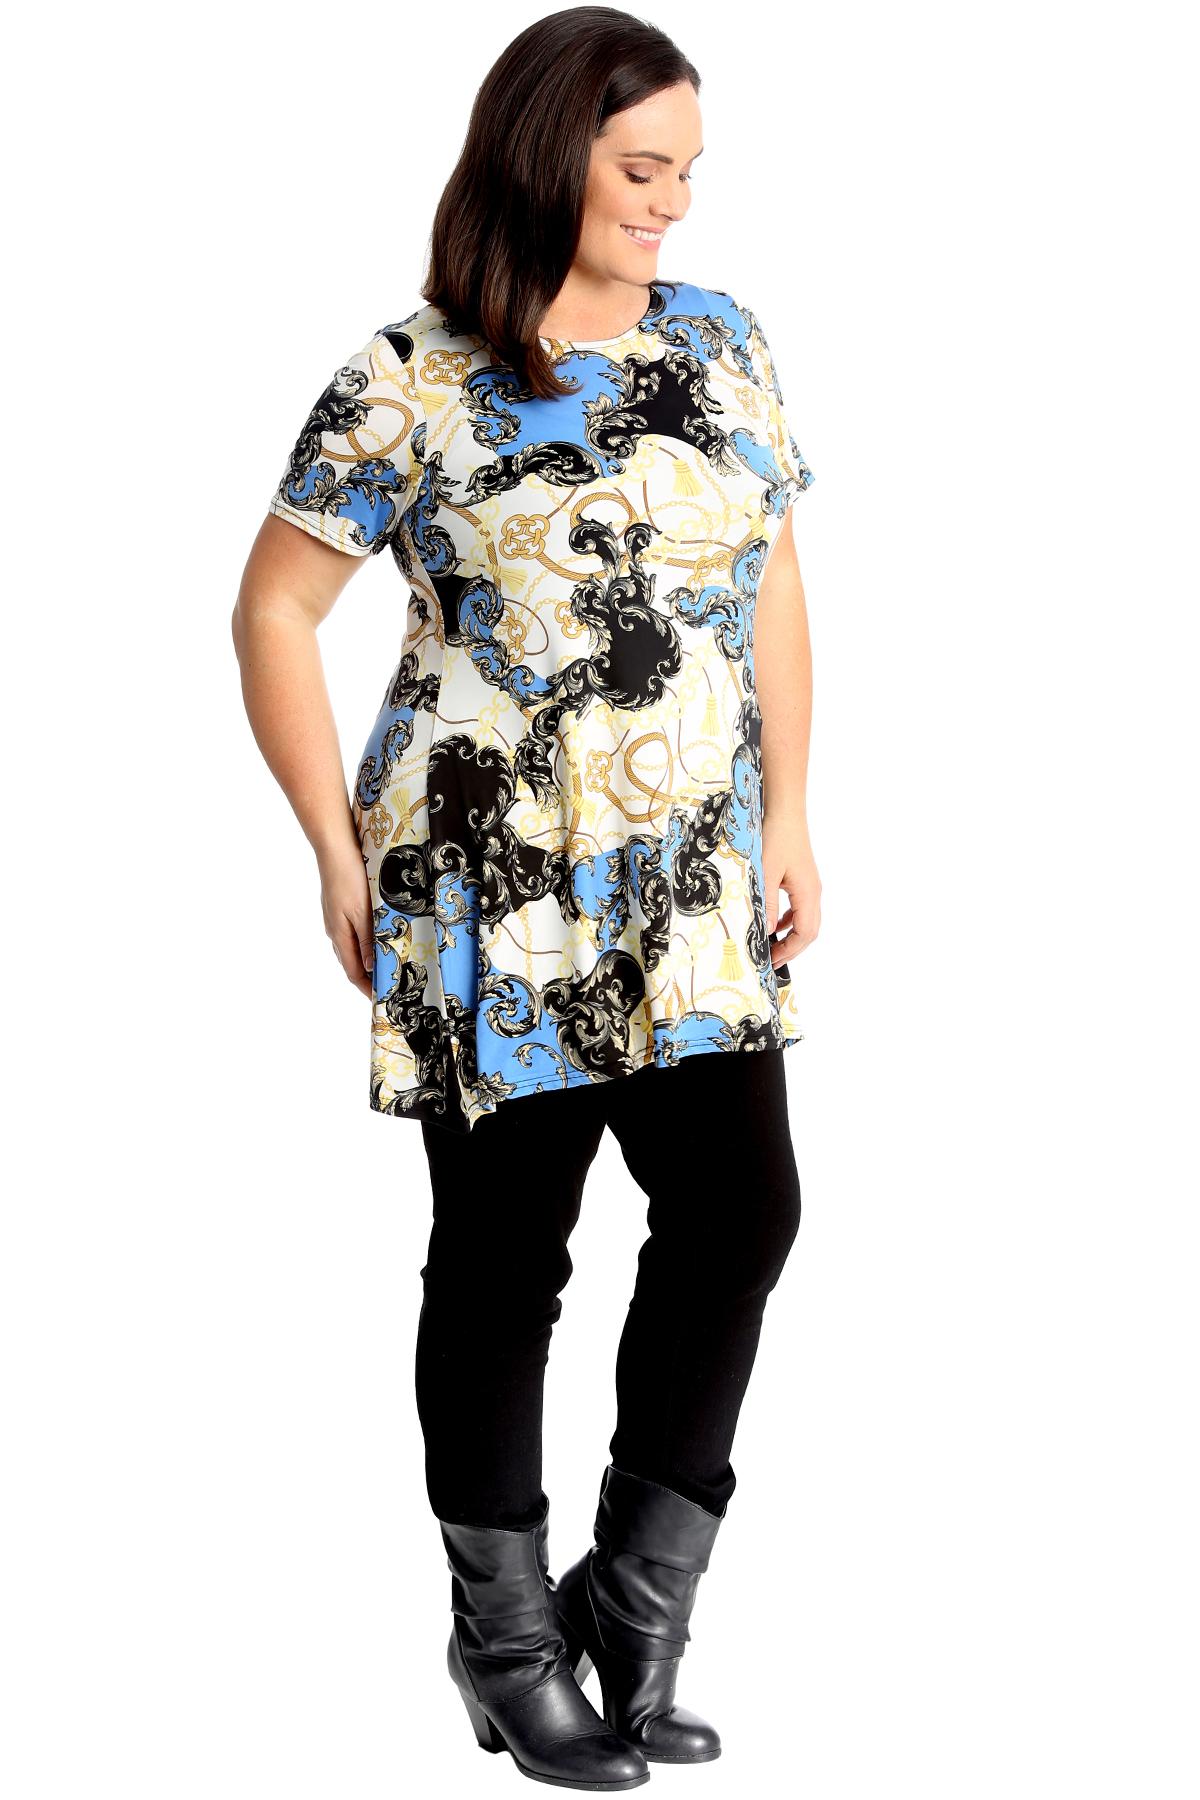 Nouveau Haut Plus Taille Haut Femmes Swing Style Chaînes Tassel Abstract Imprimé Tunique